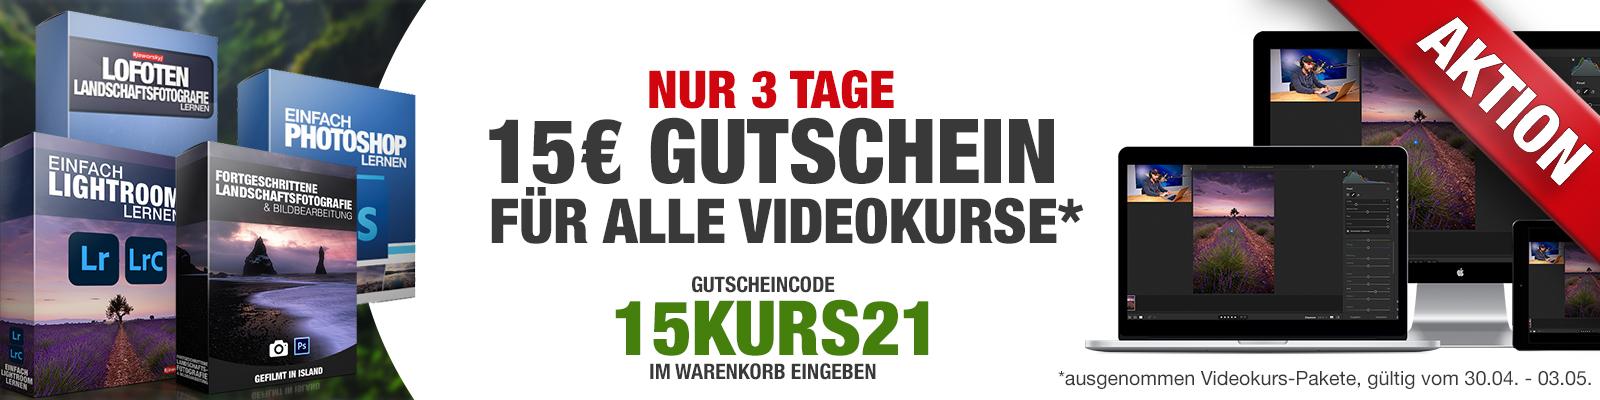 15€ Gutschein für alle Videokurse